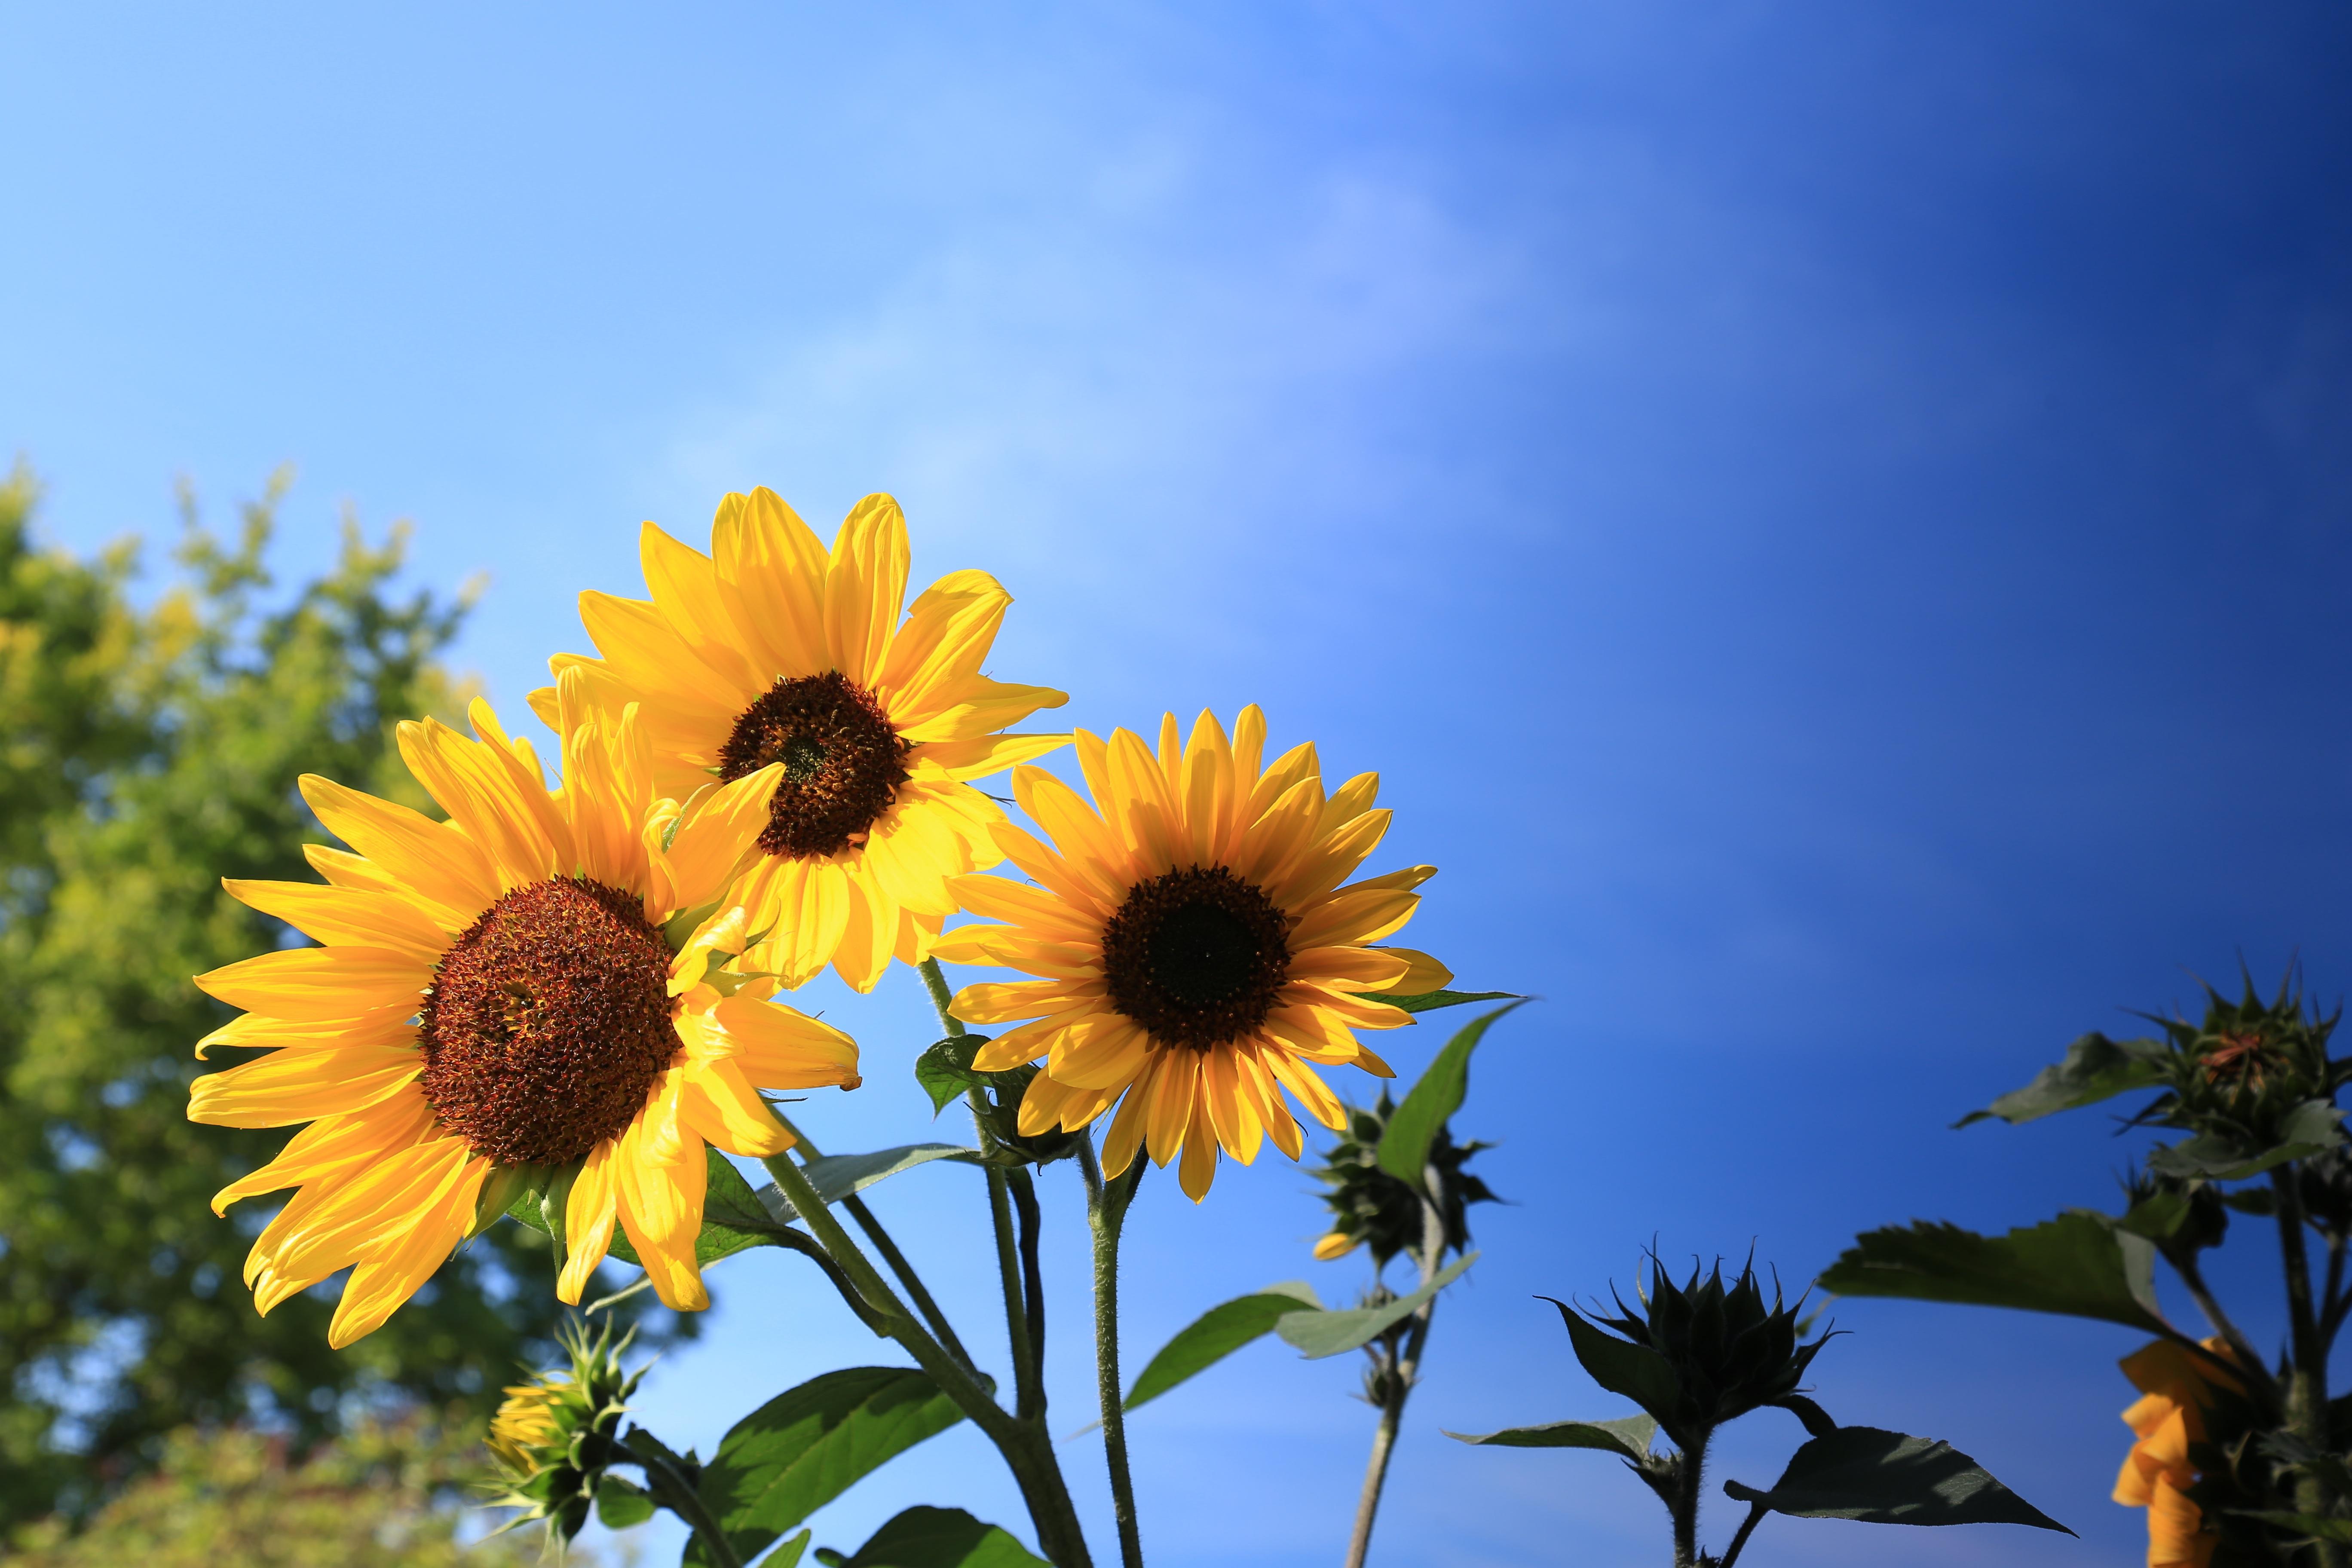 картинки полевые цветы и подсолнухи хорошо прошло, хотя